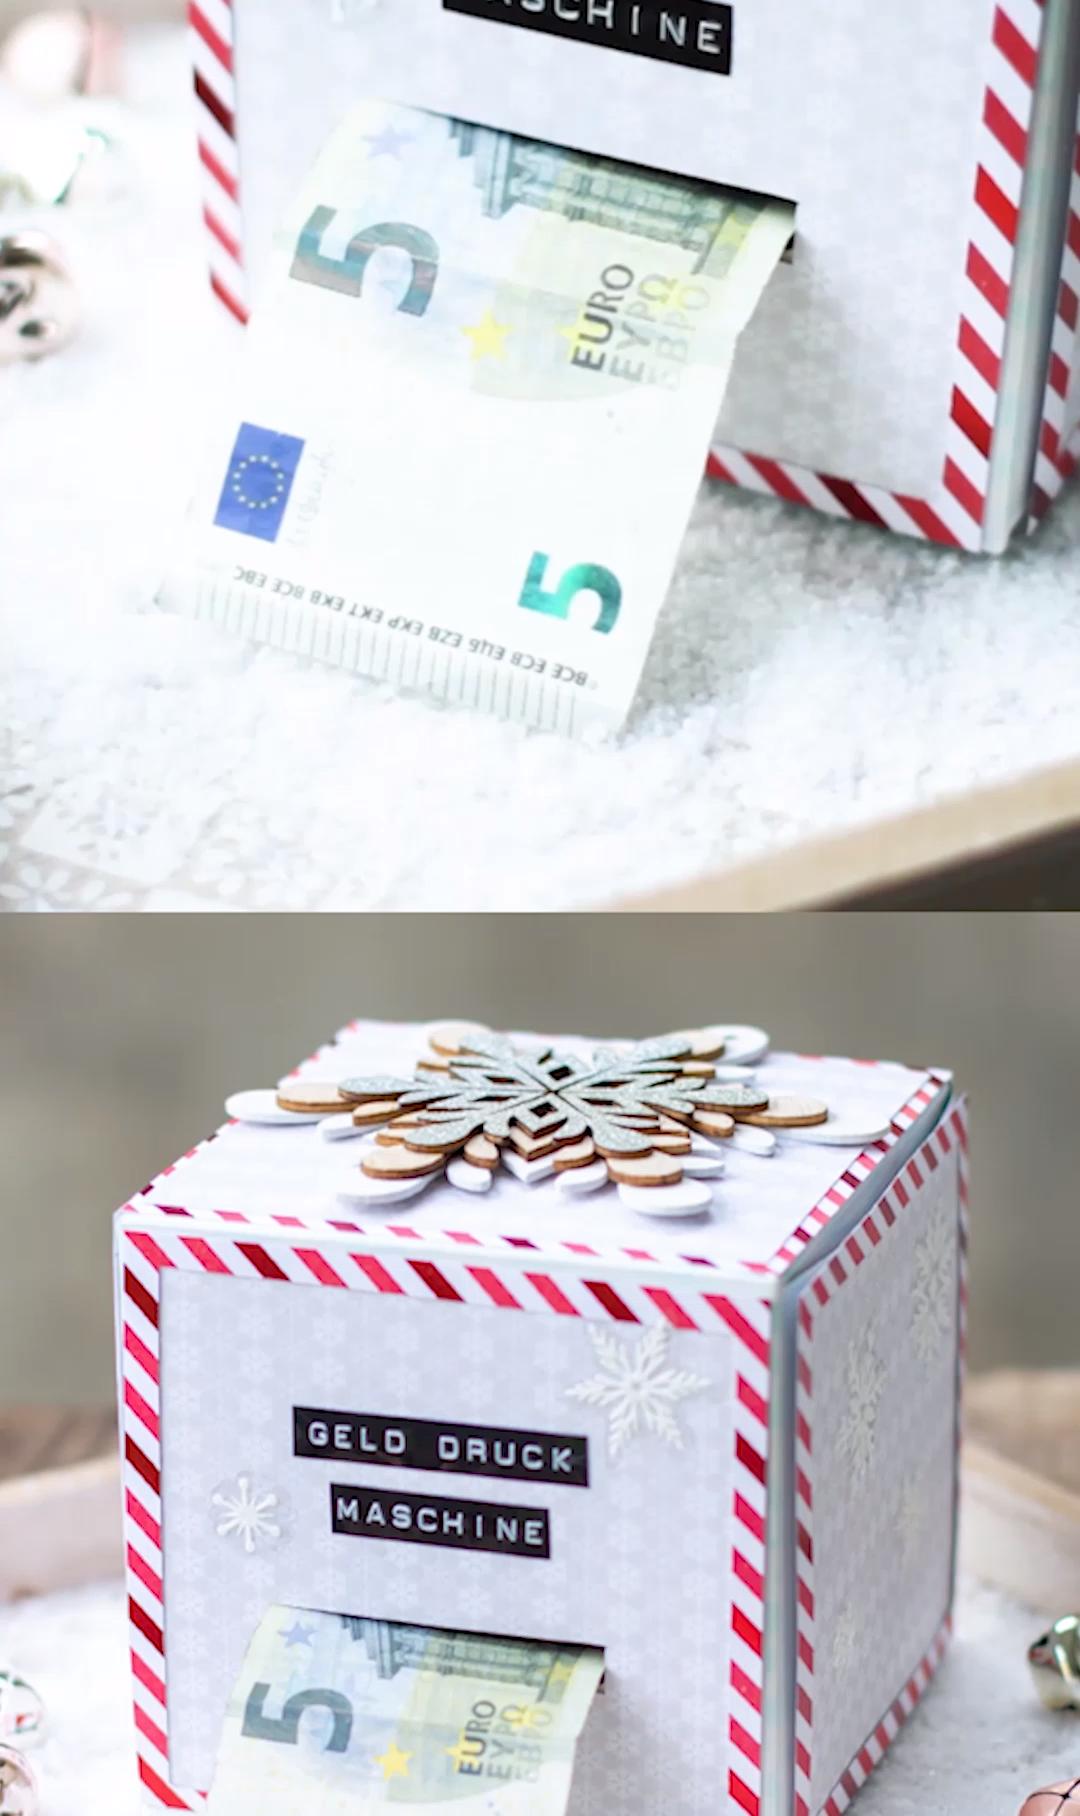 DIY Geld-Druck-Maschine - Geld-Geschenk für Weihnachten oder Geburtstag / DIY Geld-Geschenk